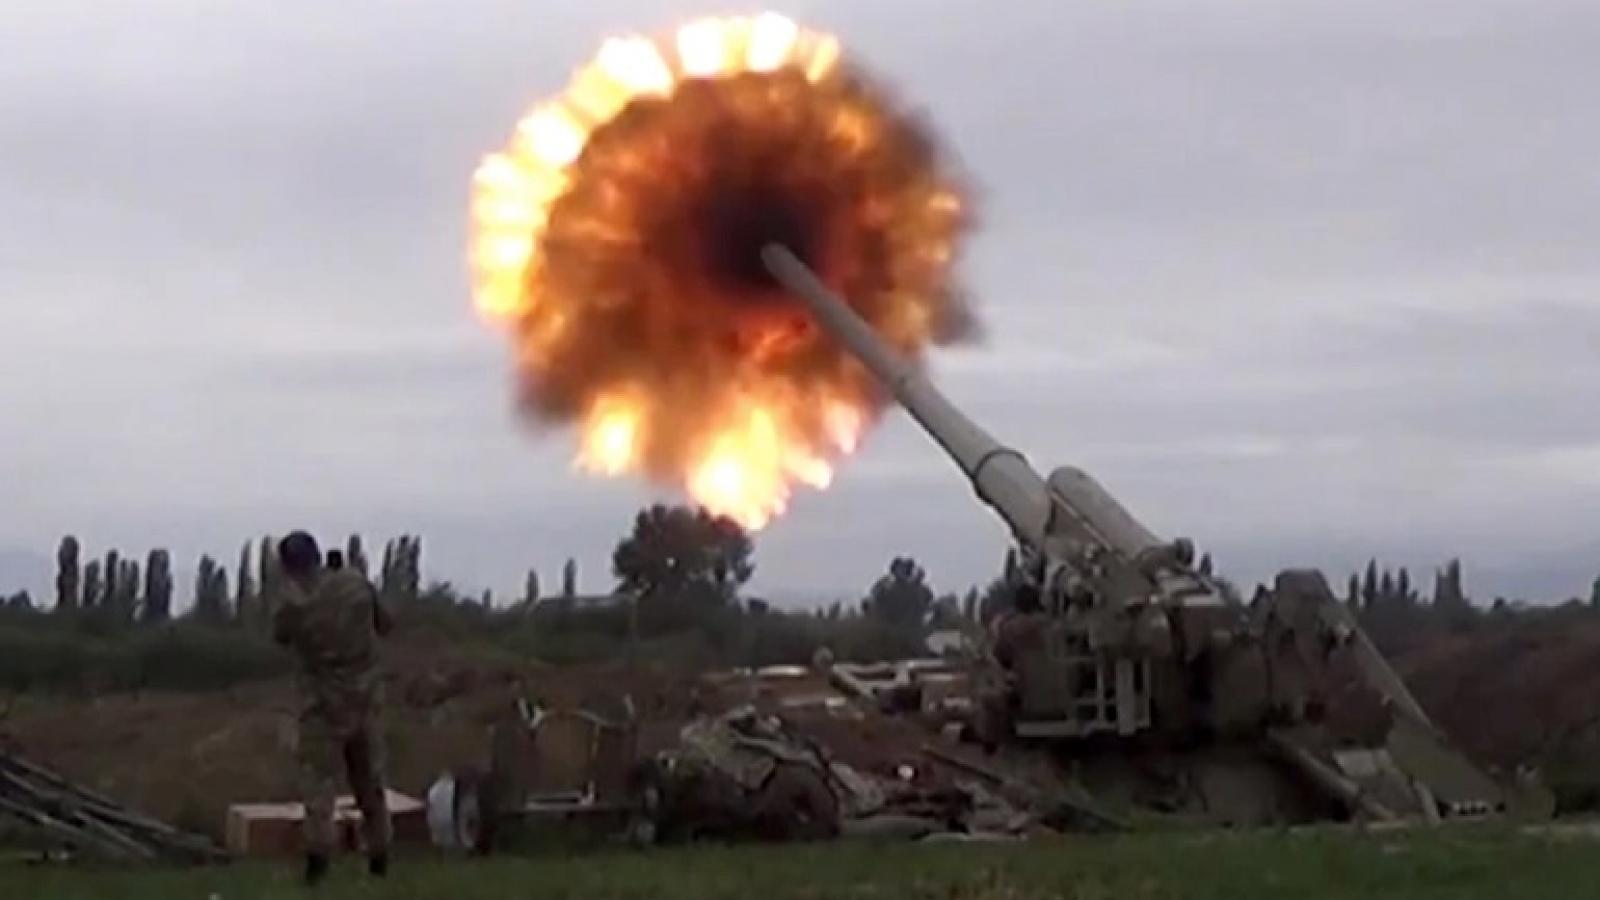 Xung đột Nagorno-Karabakh: Hạ nhiệt hay bùng phát thành ngọn lửa lớn?